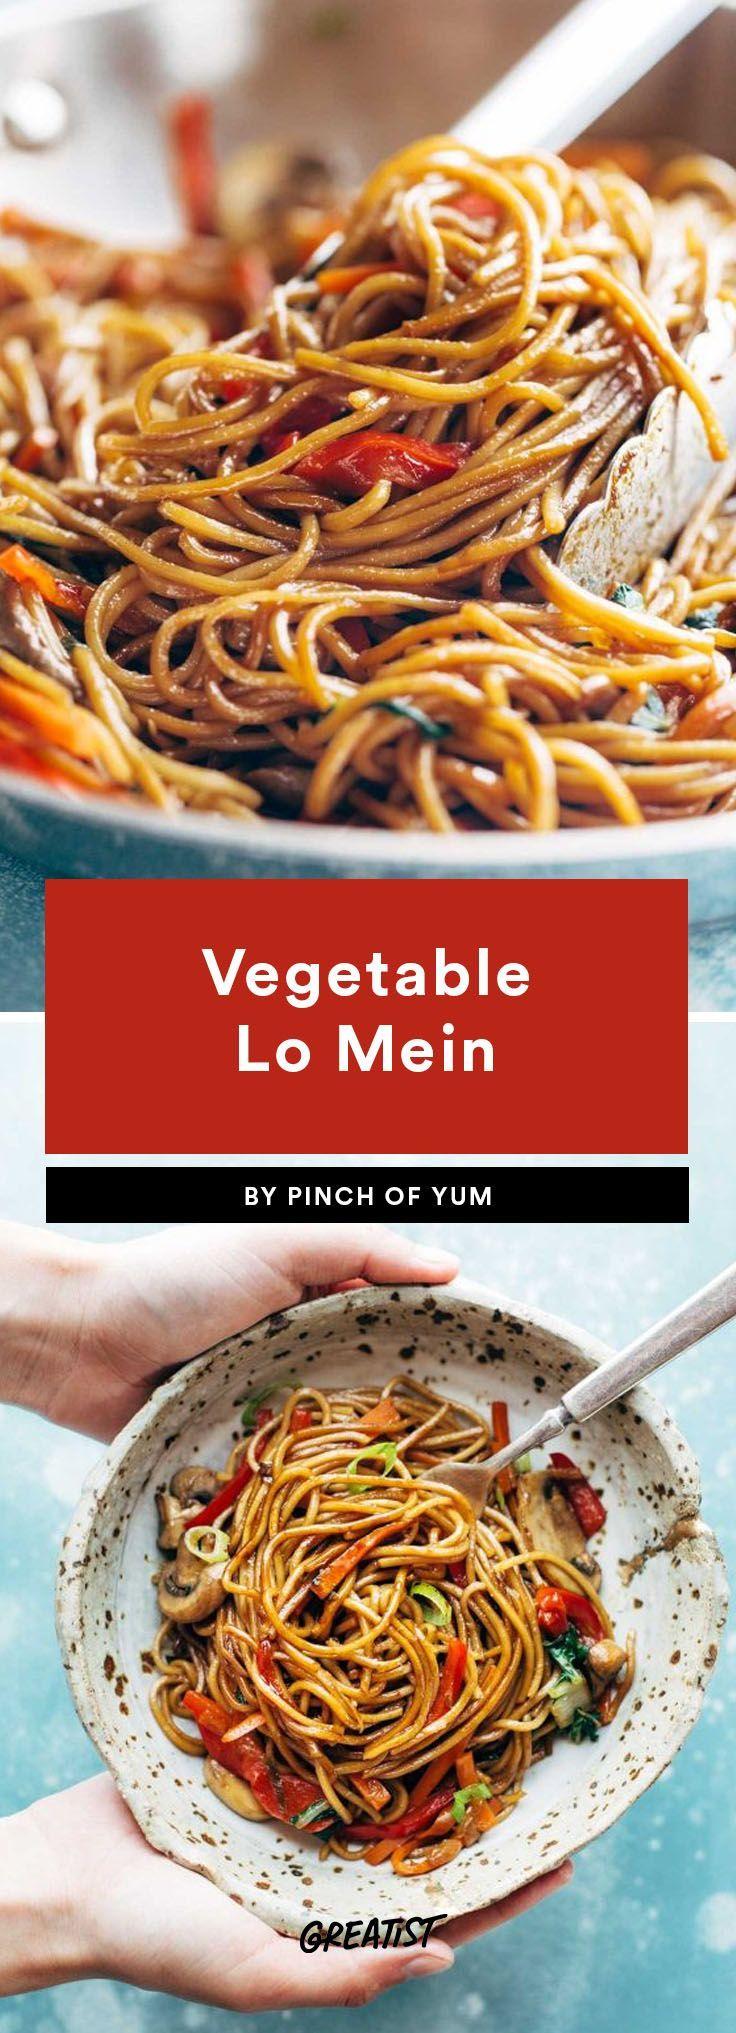 1. Veggie Lo Mein  #greatist http://greatist.com/eat/vegetarian-dinners-in-15-minutes-or-less